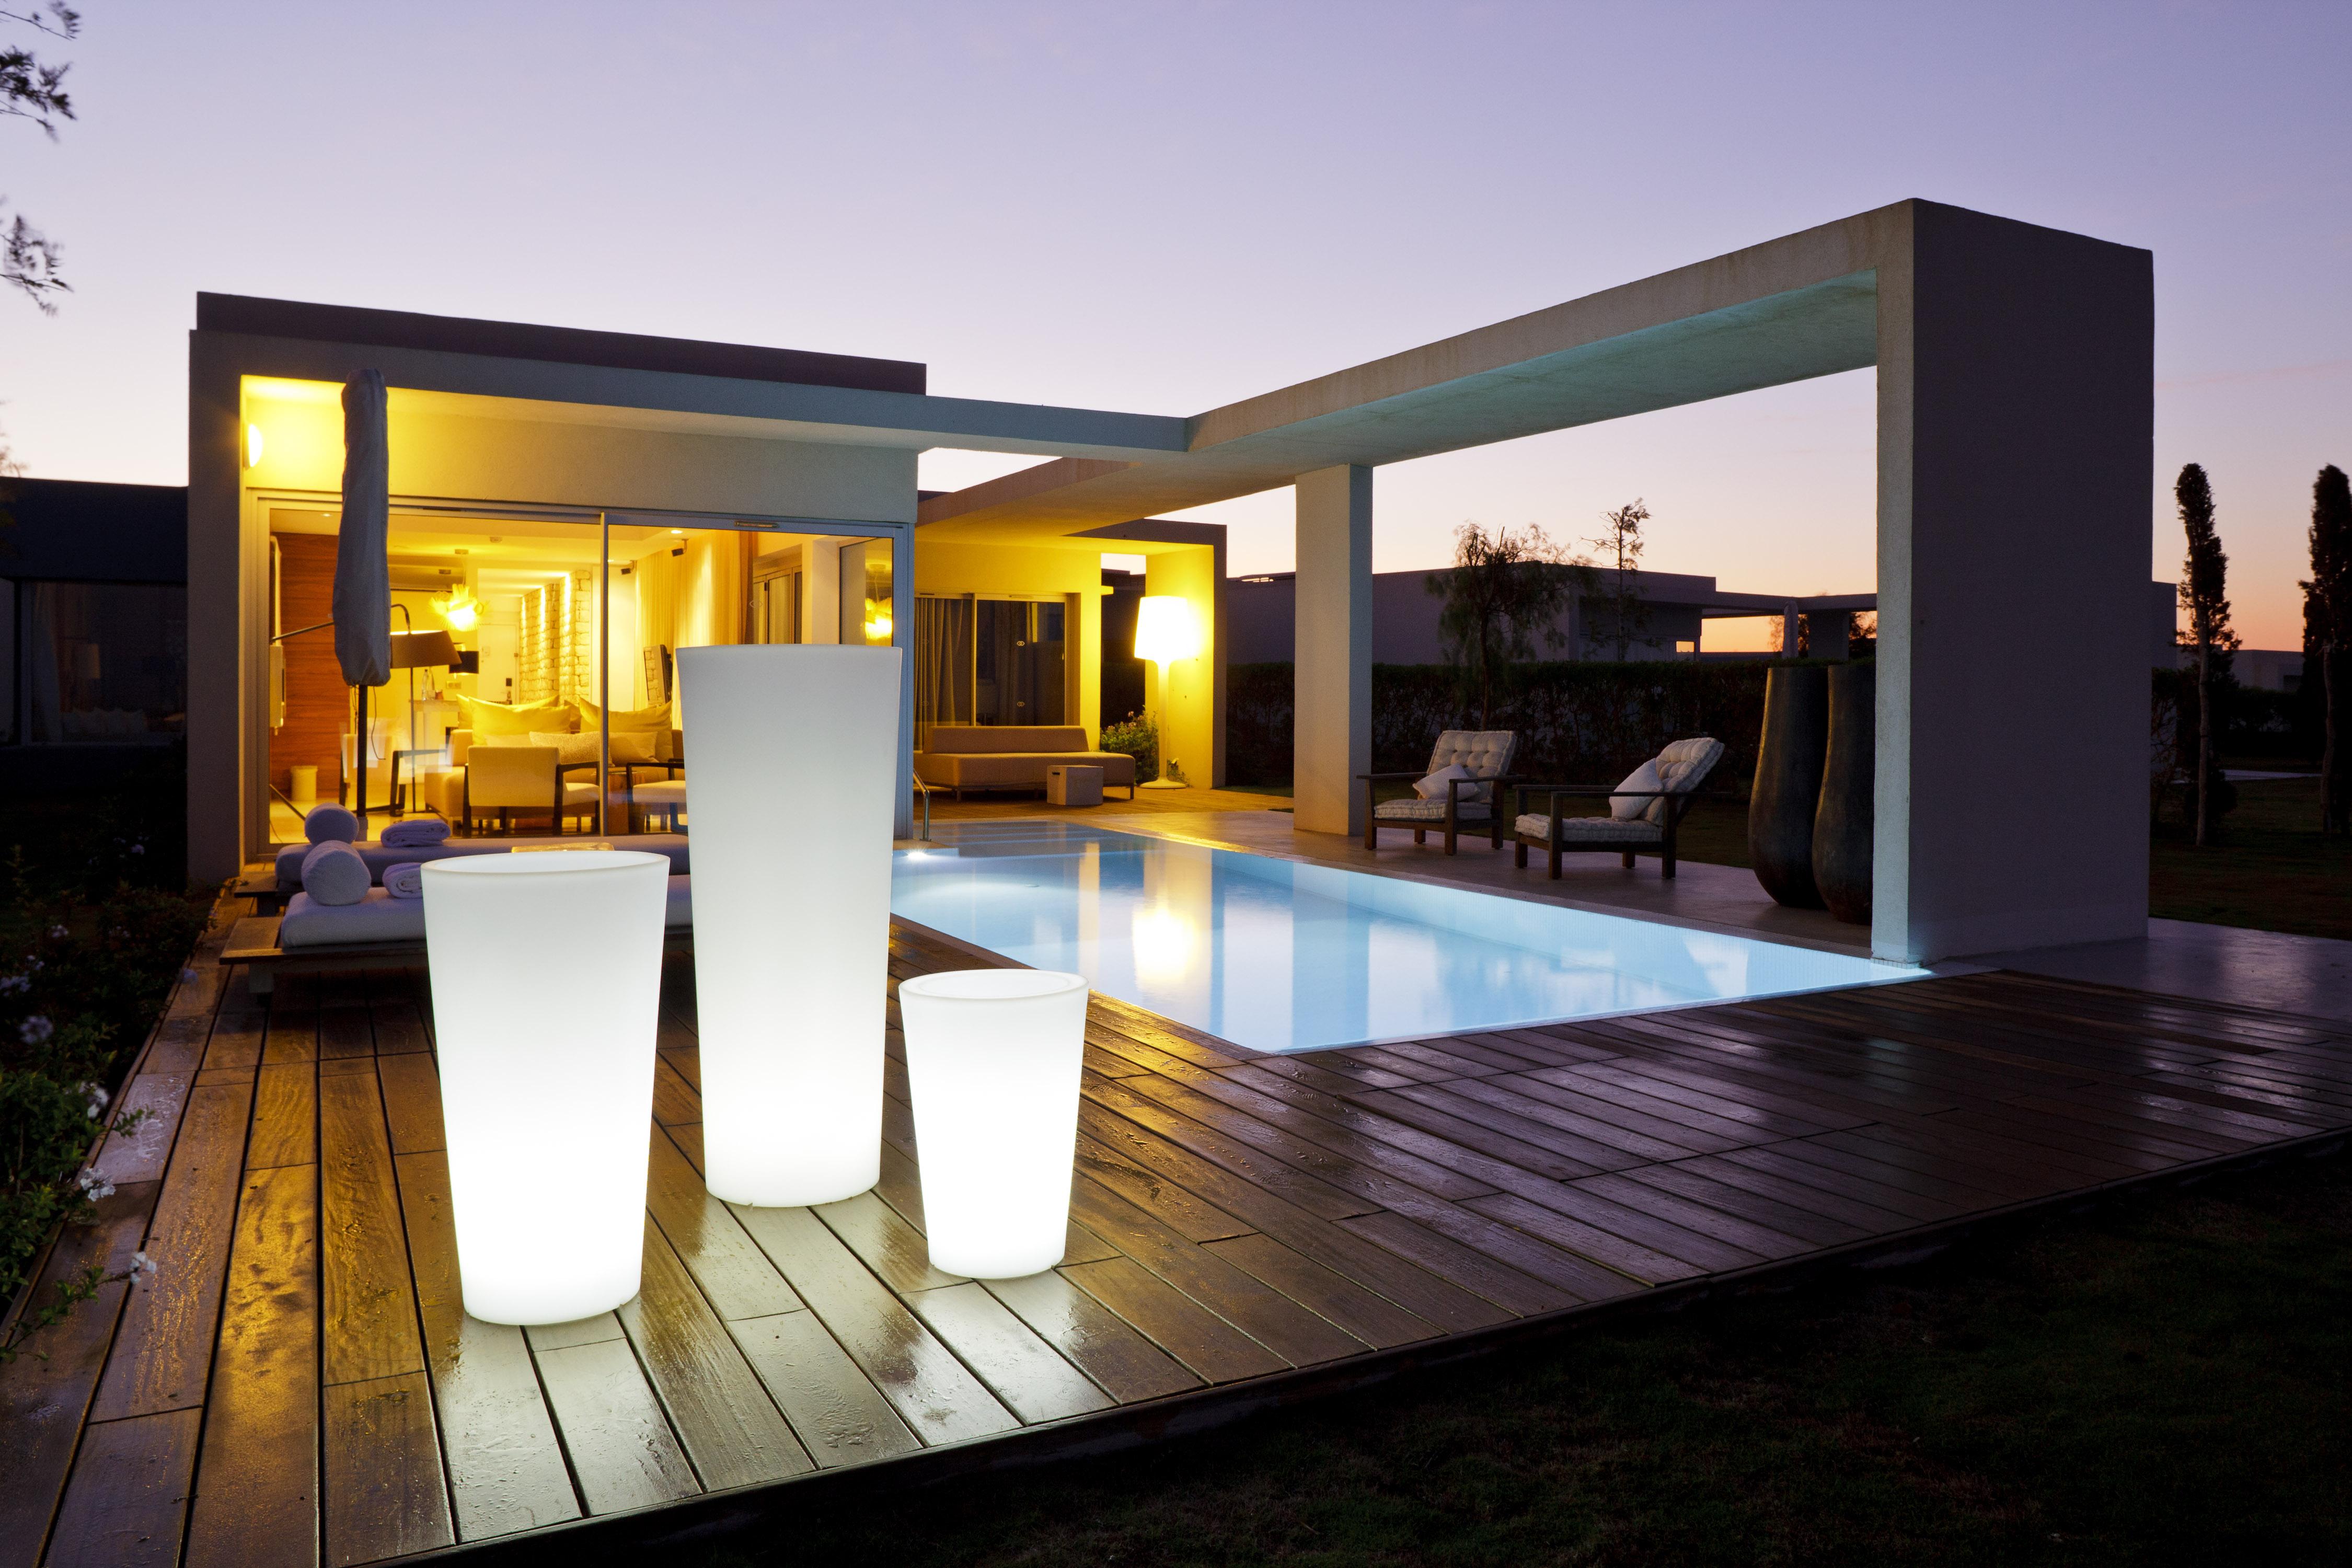 Les mobiliers et objets lumineux design pour votre terrasse for Eclairage exterieur terrasse design